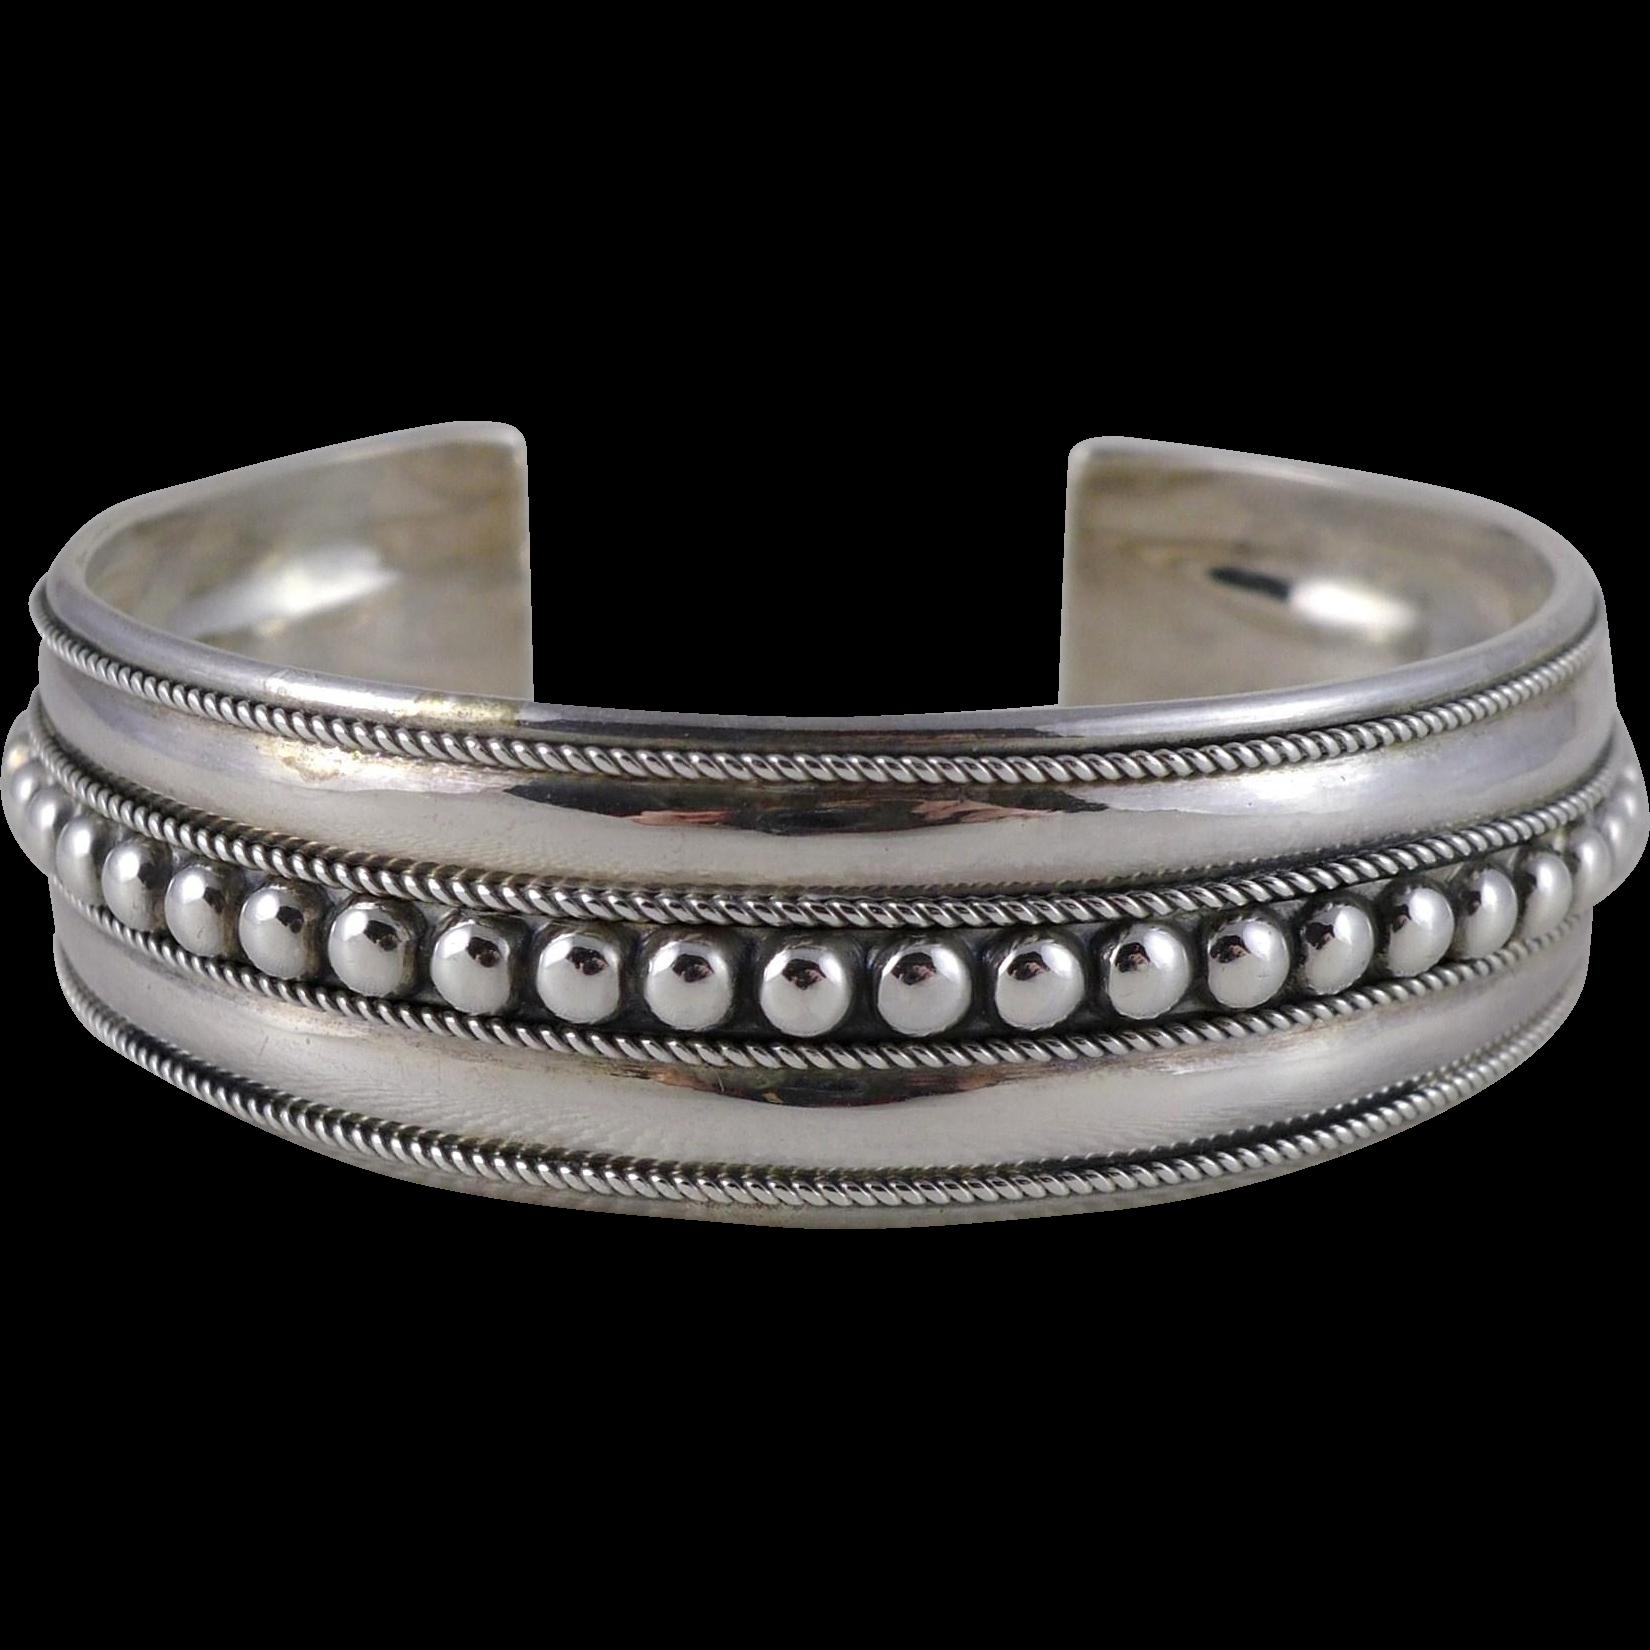 Vintage Sterling Silver Cuff Bracelet Signed FAS